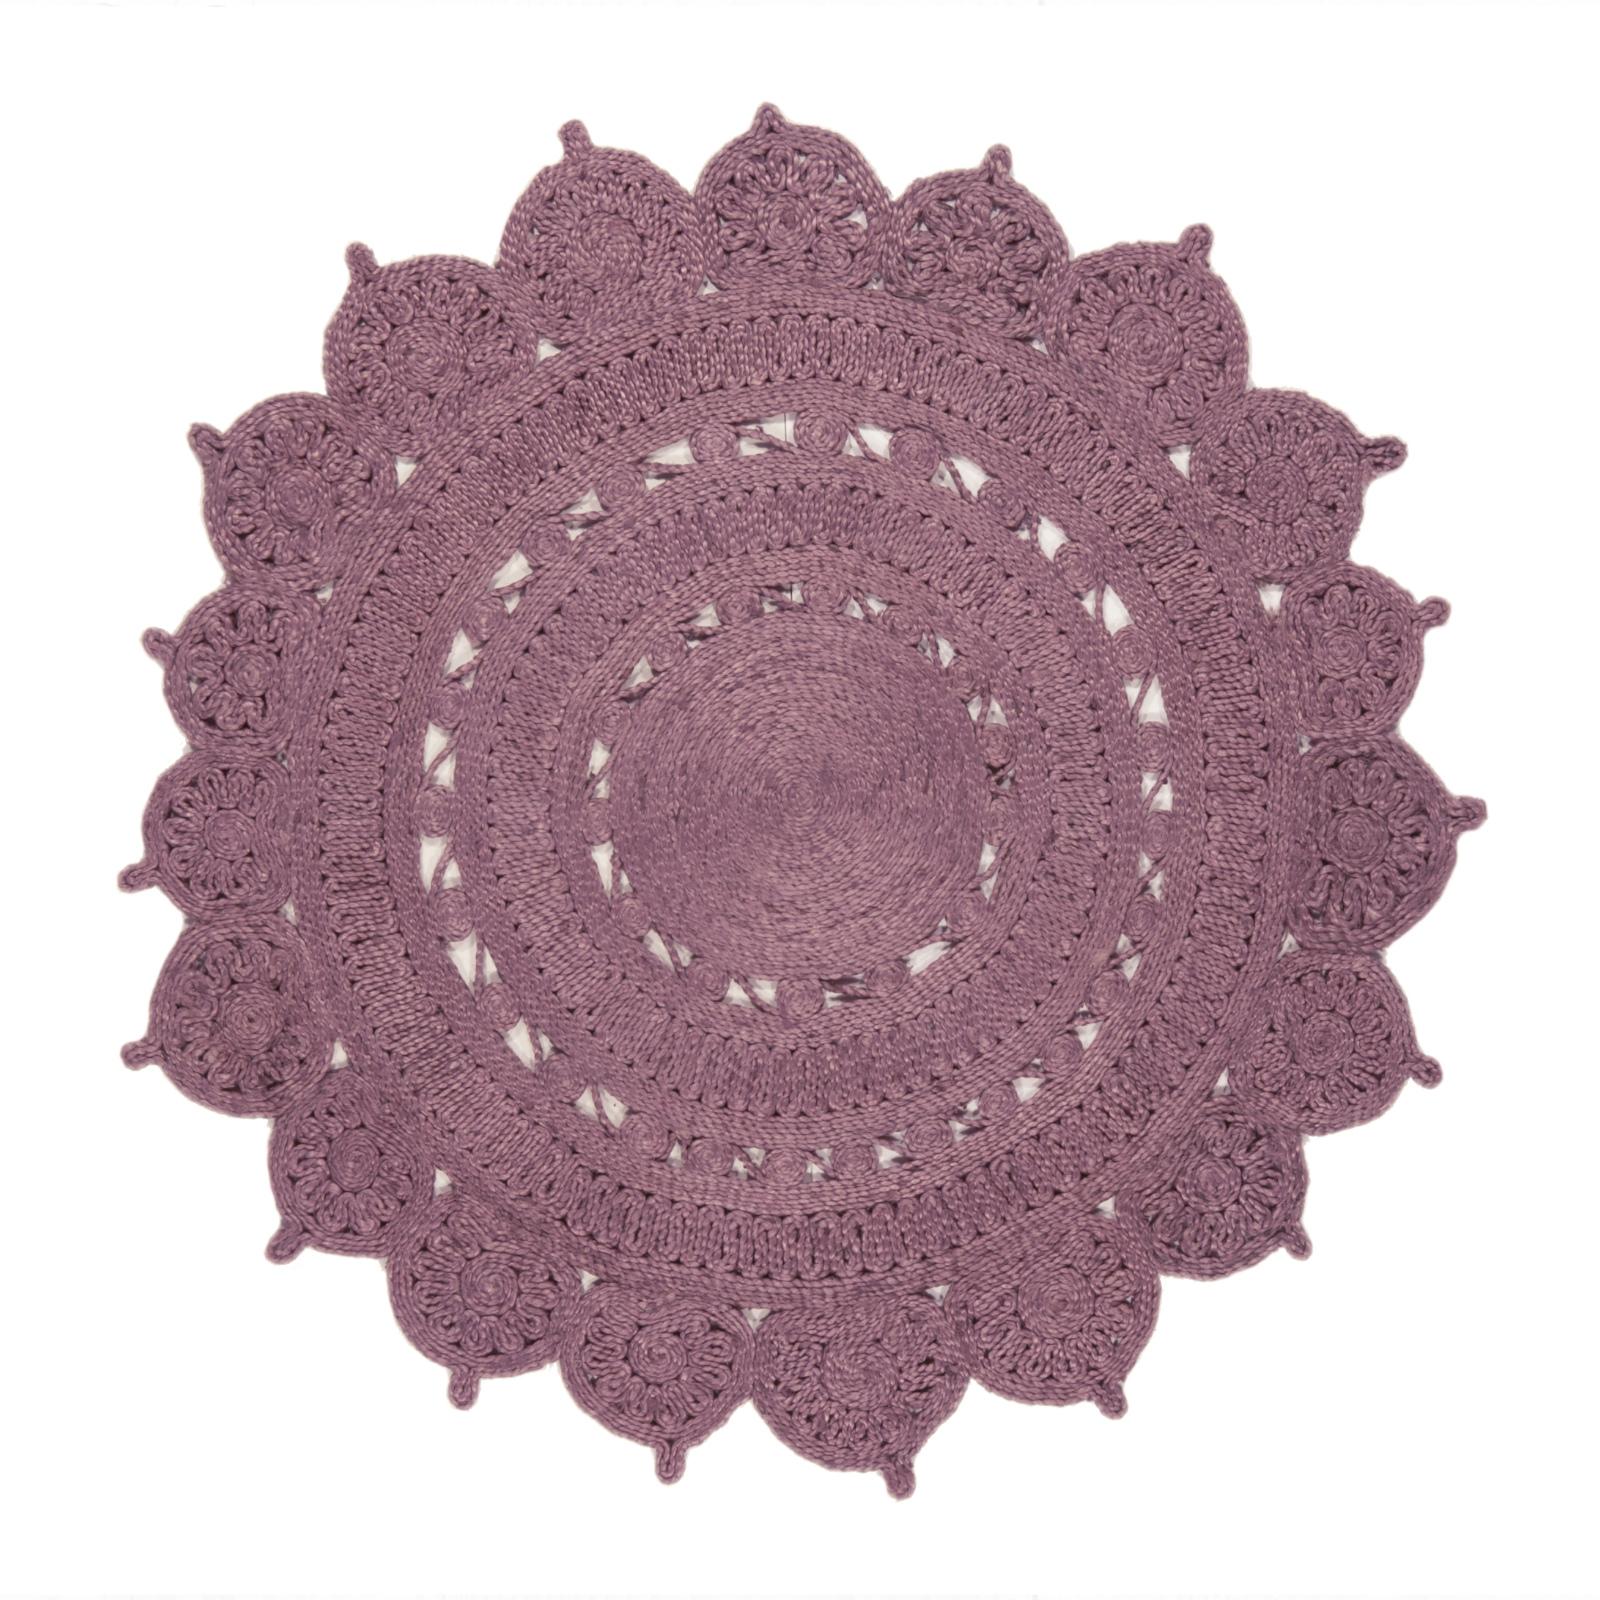 Zira-007_Heather-rugs.jpg